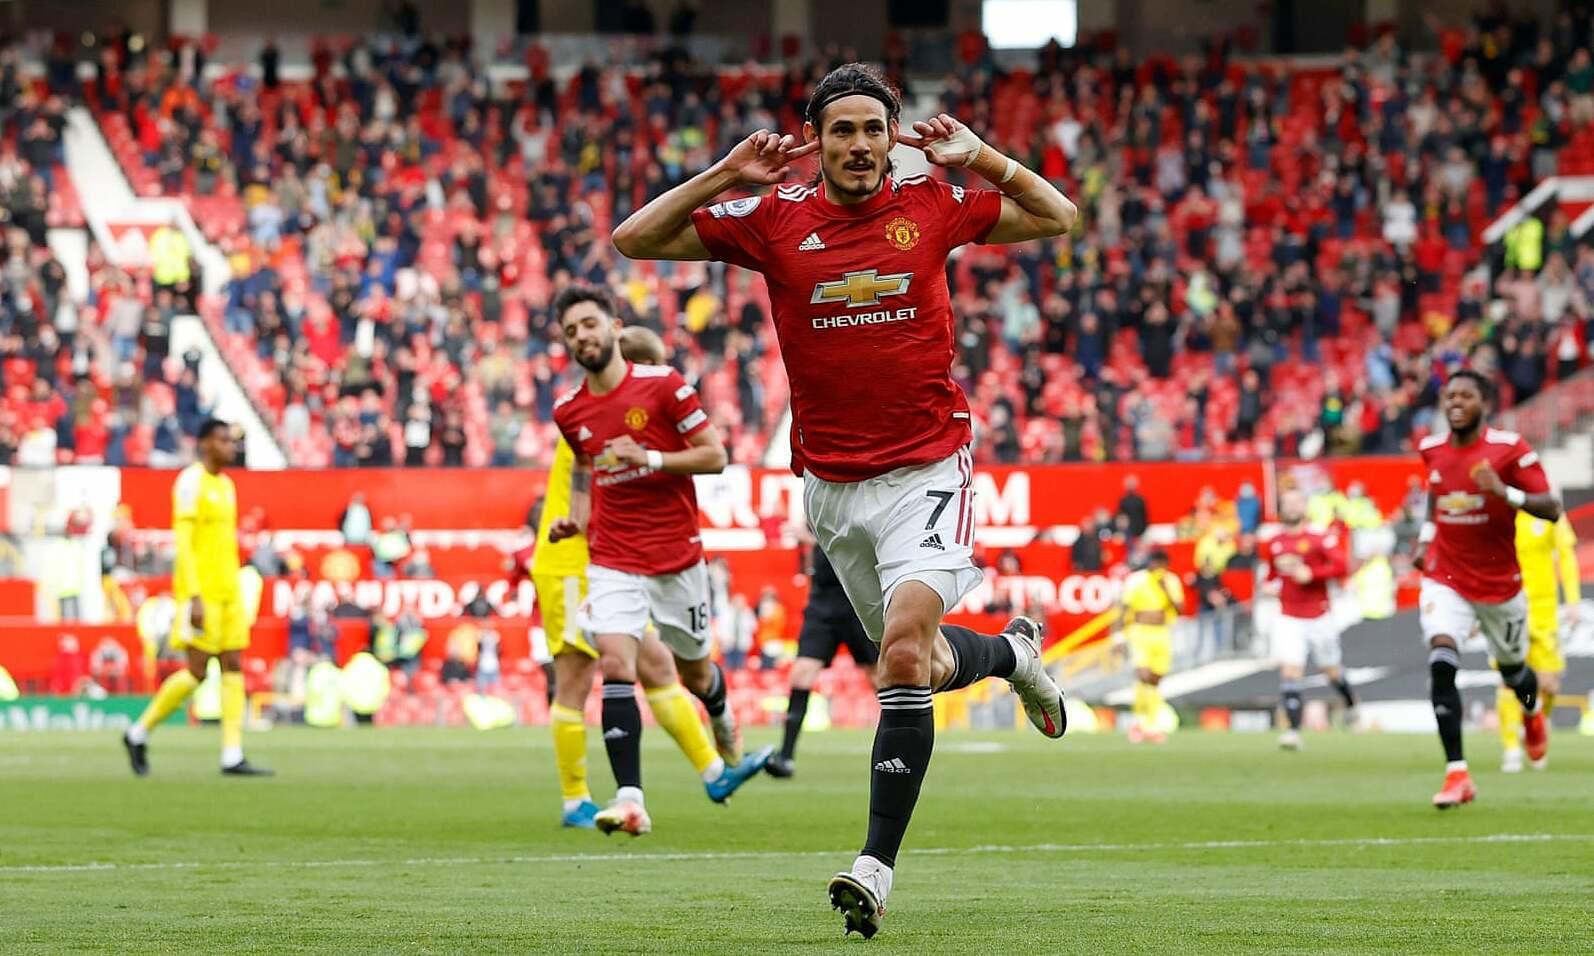 Cavani mencetak gol ke-10 di Liga Inggris musim ini, meski baru memulai 13 pertandingan.  Foto: AFP